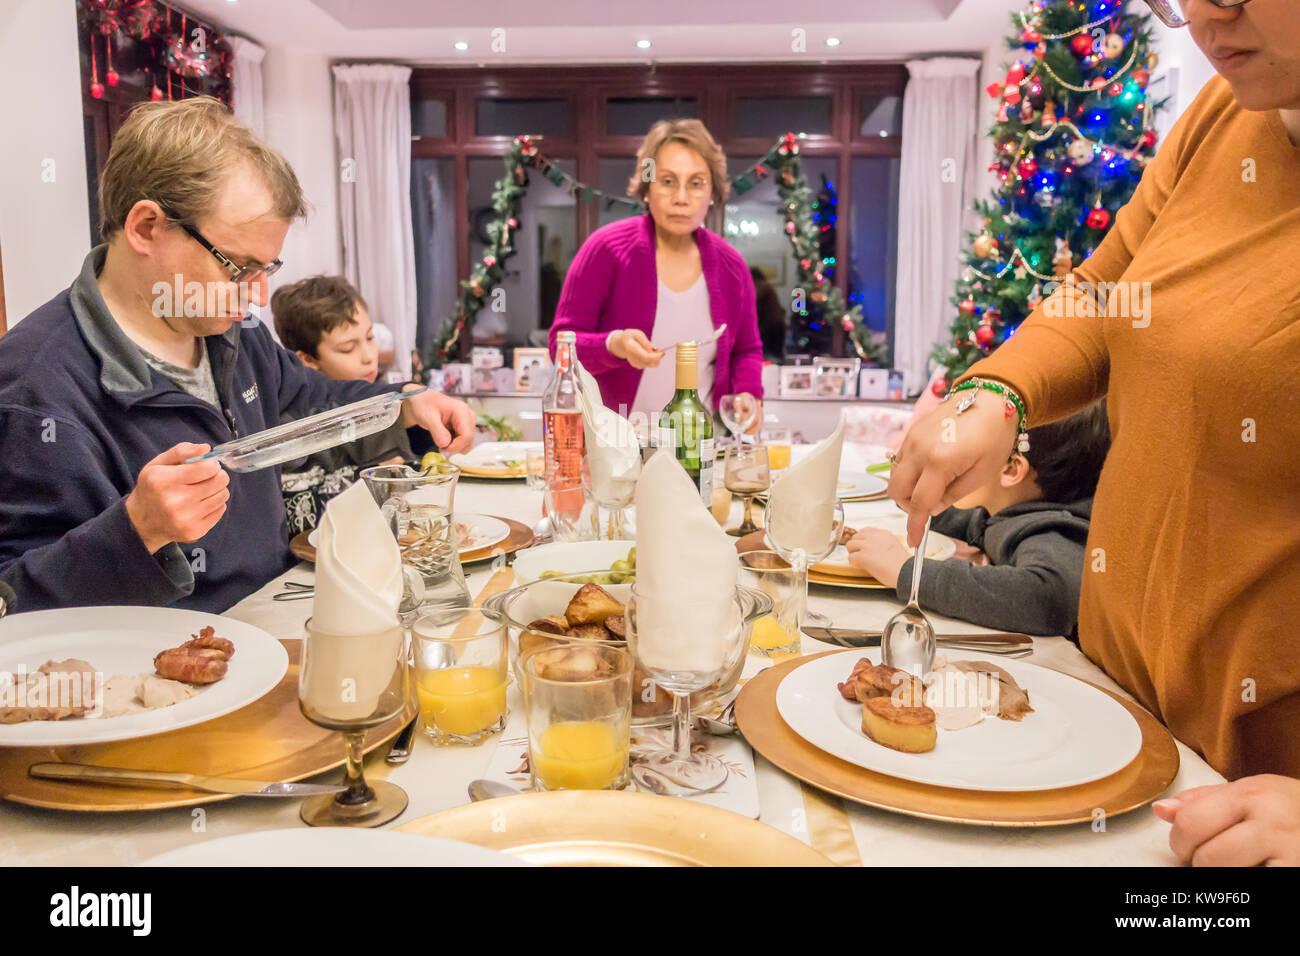 Family dinner table stock photos family dinner table for Restaurants serving christmas dinner